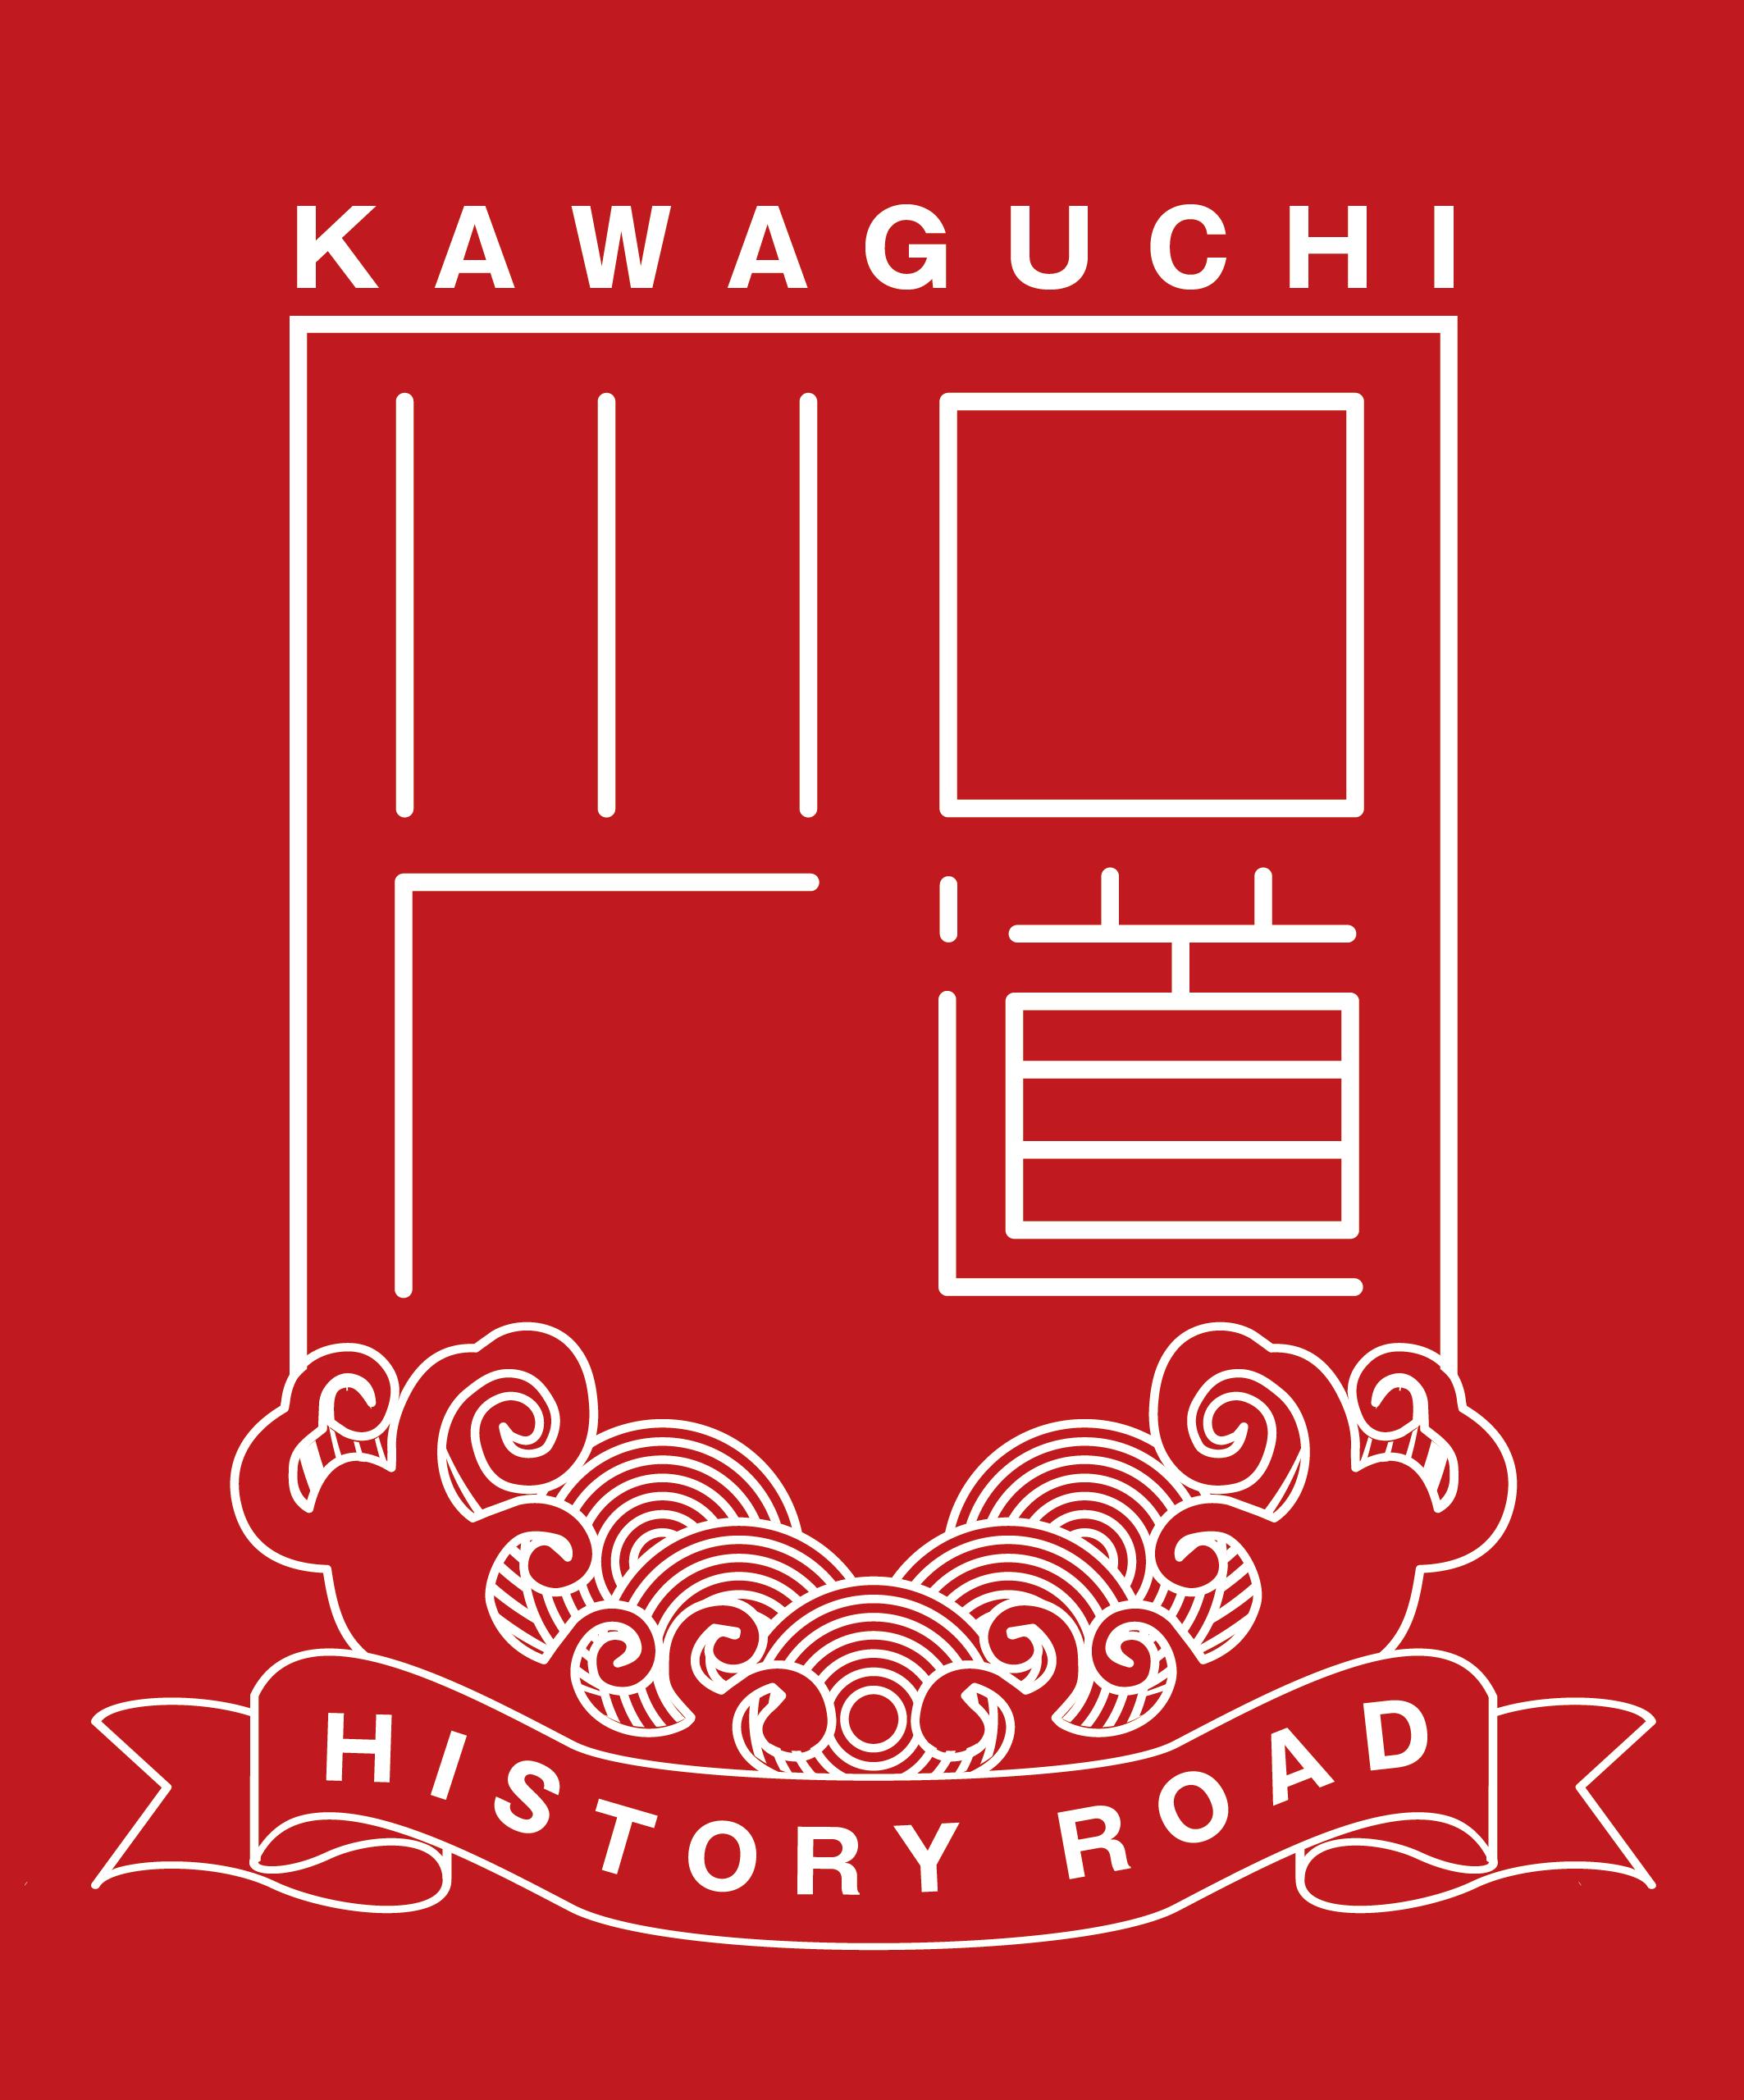 川口歴道 - Kawaguchi History Road -